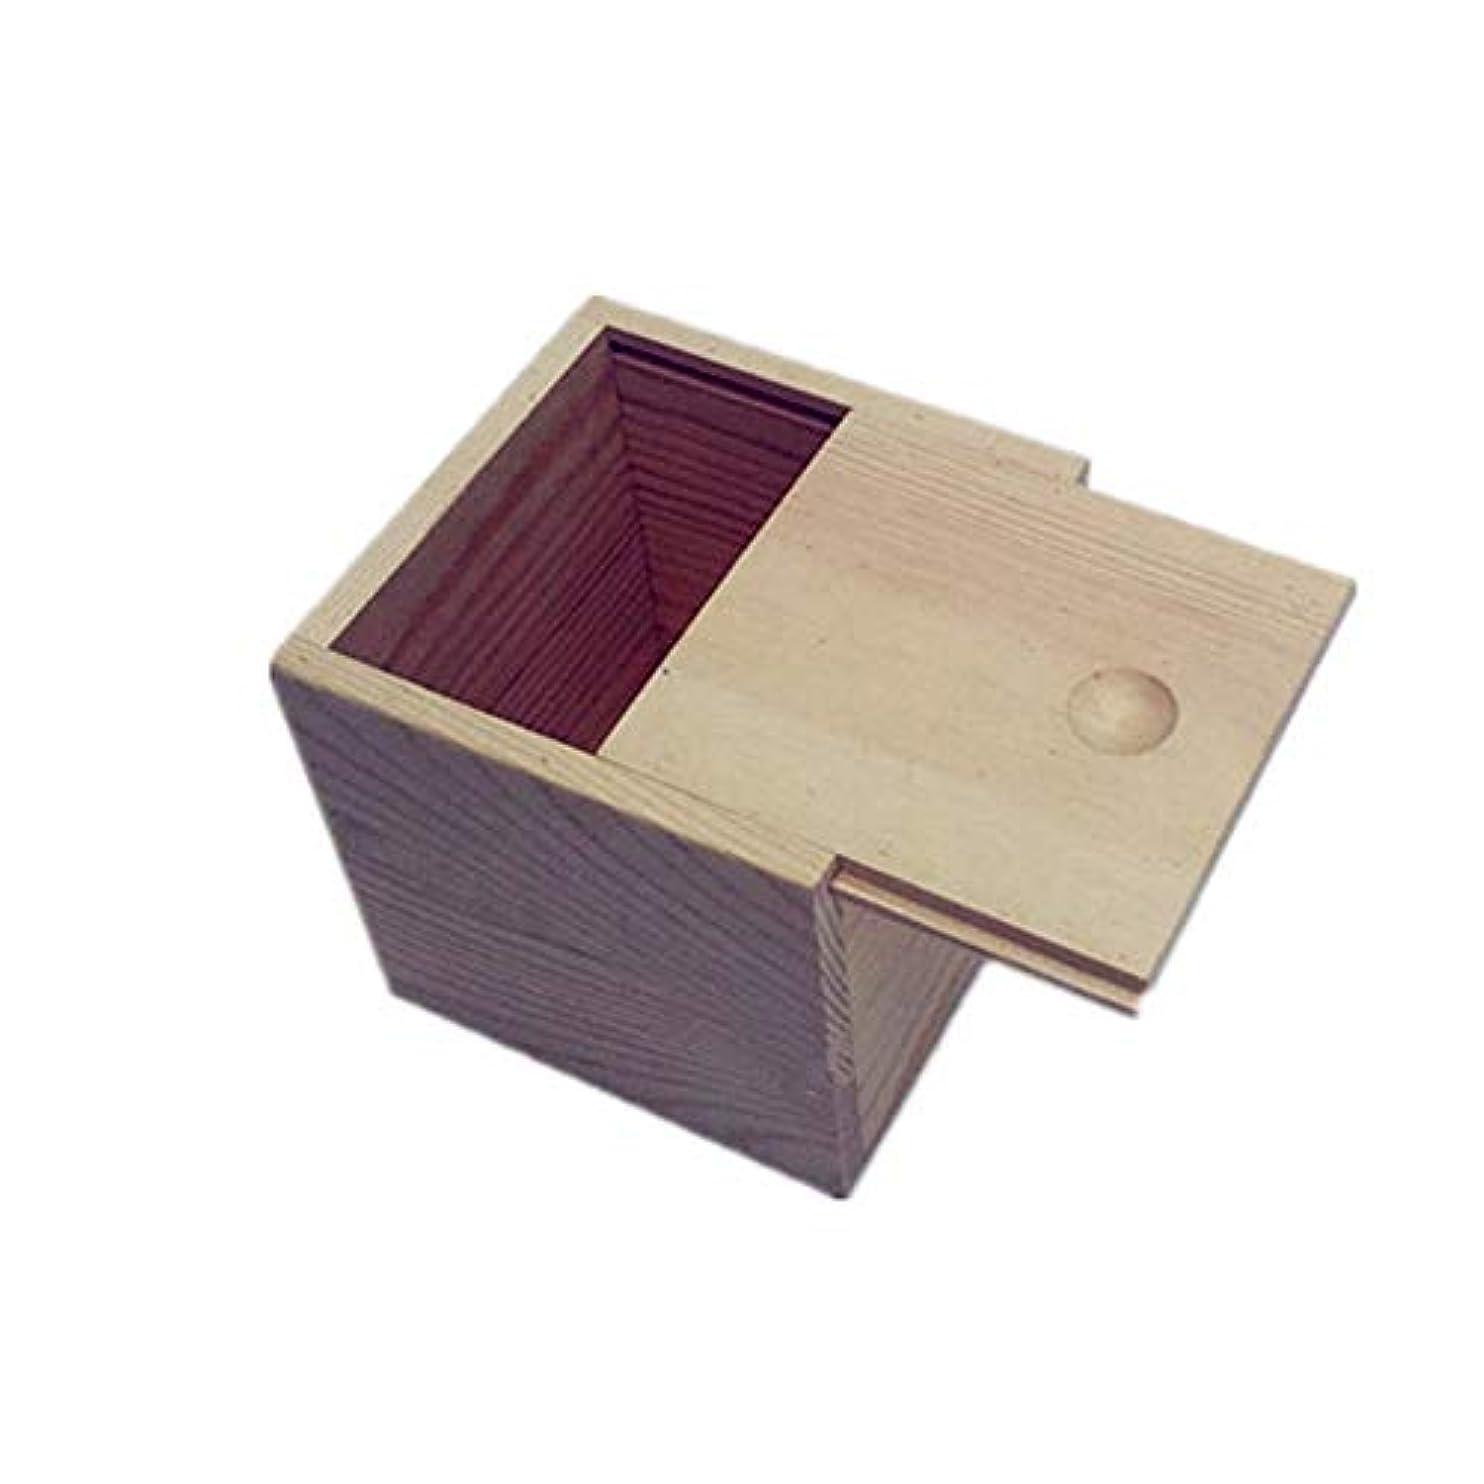 アンタゴニスト名前灌漑エッセンシャルオイルの保管 木製のエッセンシャルオイルストレージボックス安全なスペースセーバーあなたの油を維持するためのベスト (色 : Natural, サイズ : 9X9X5CM)